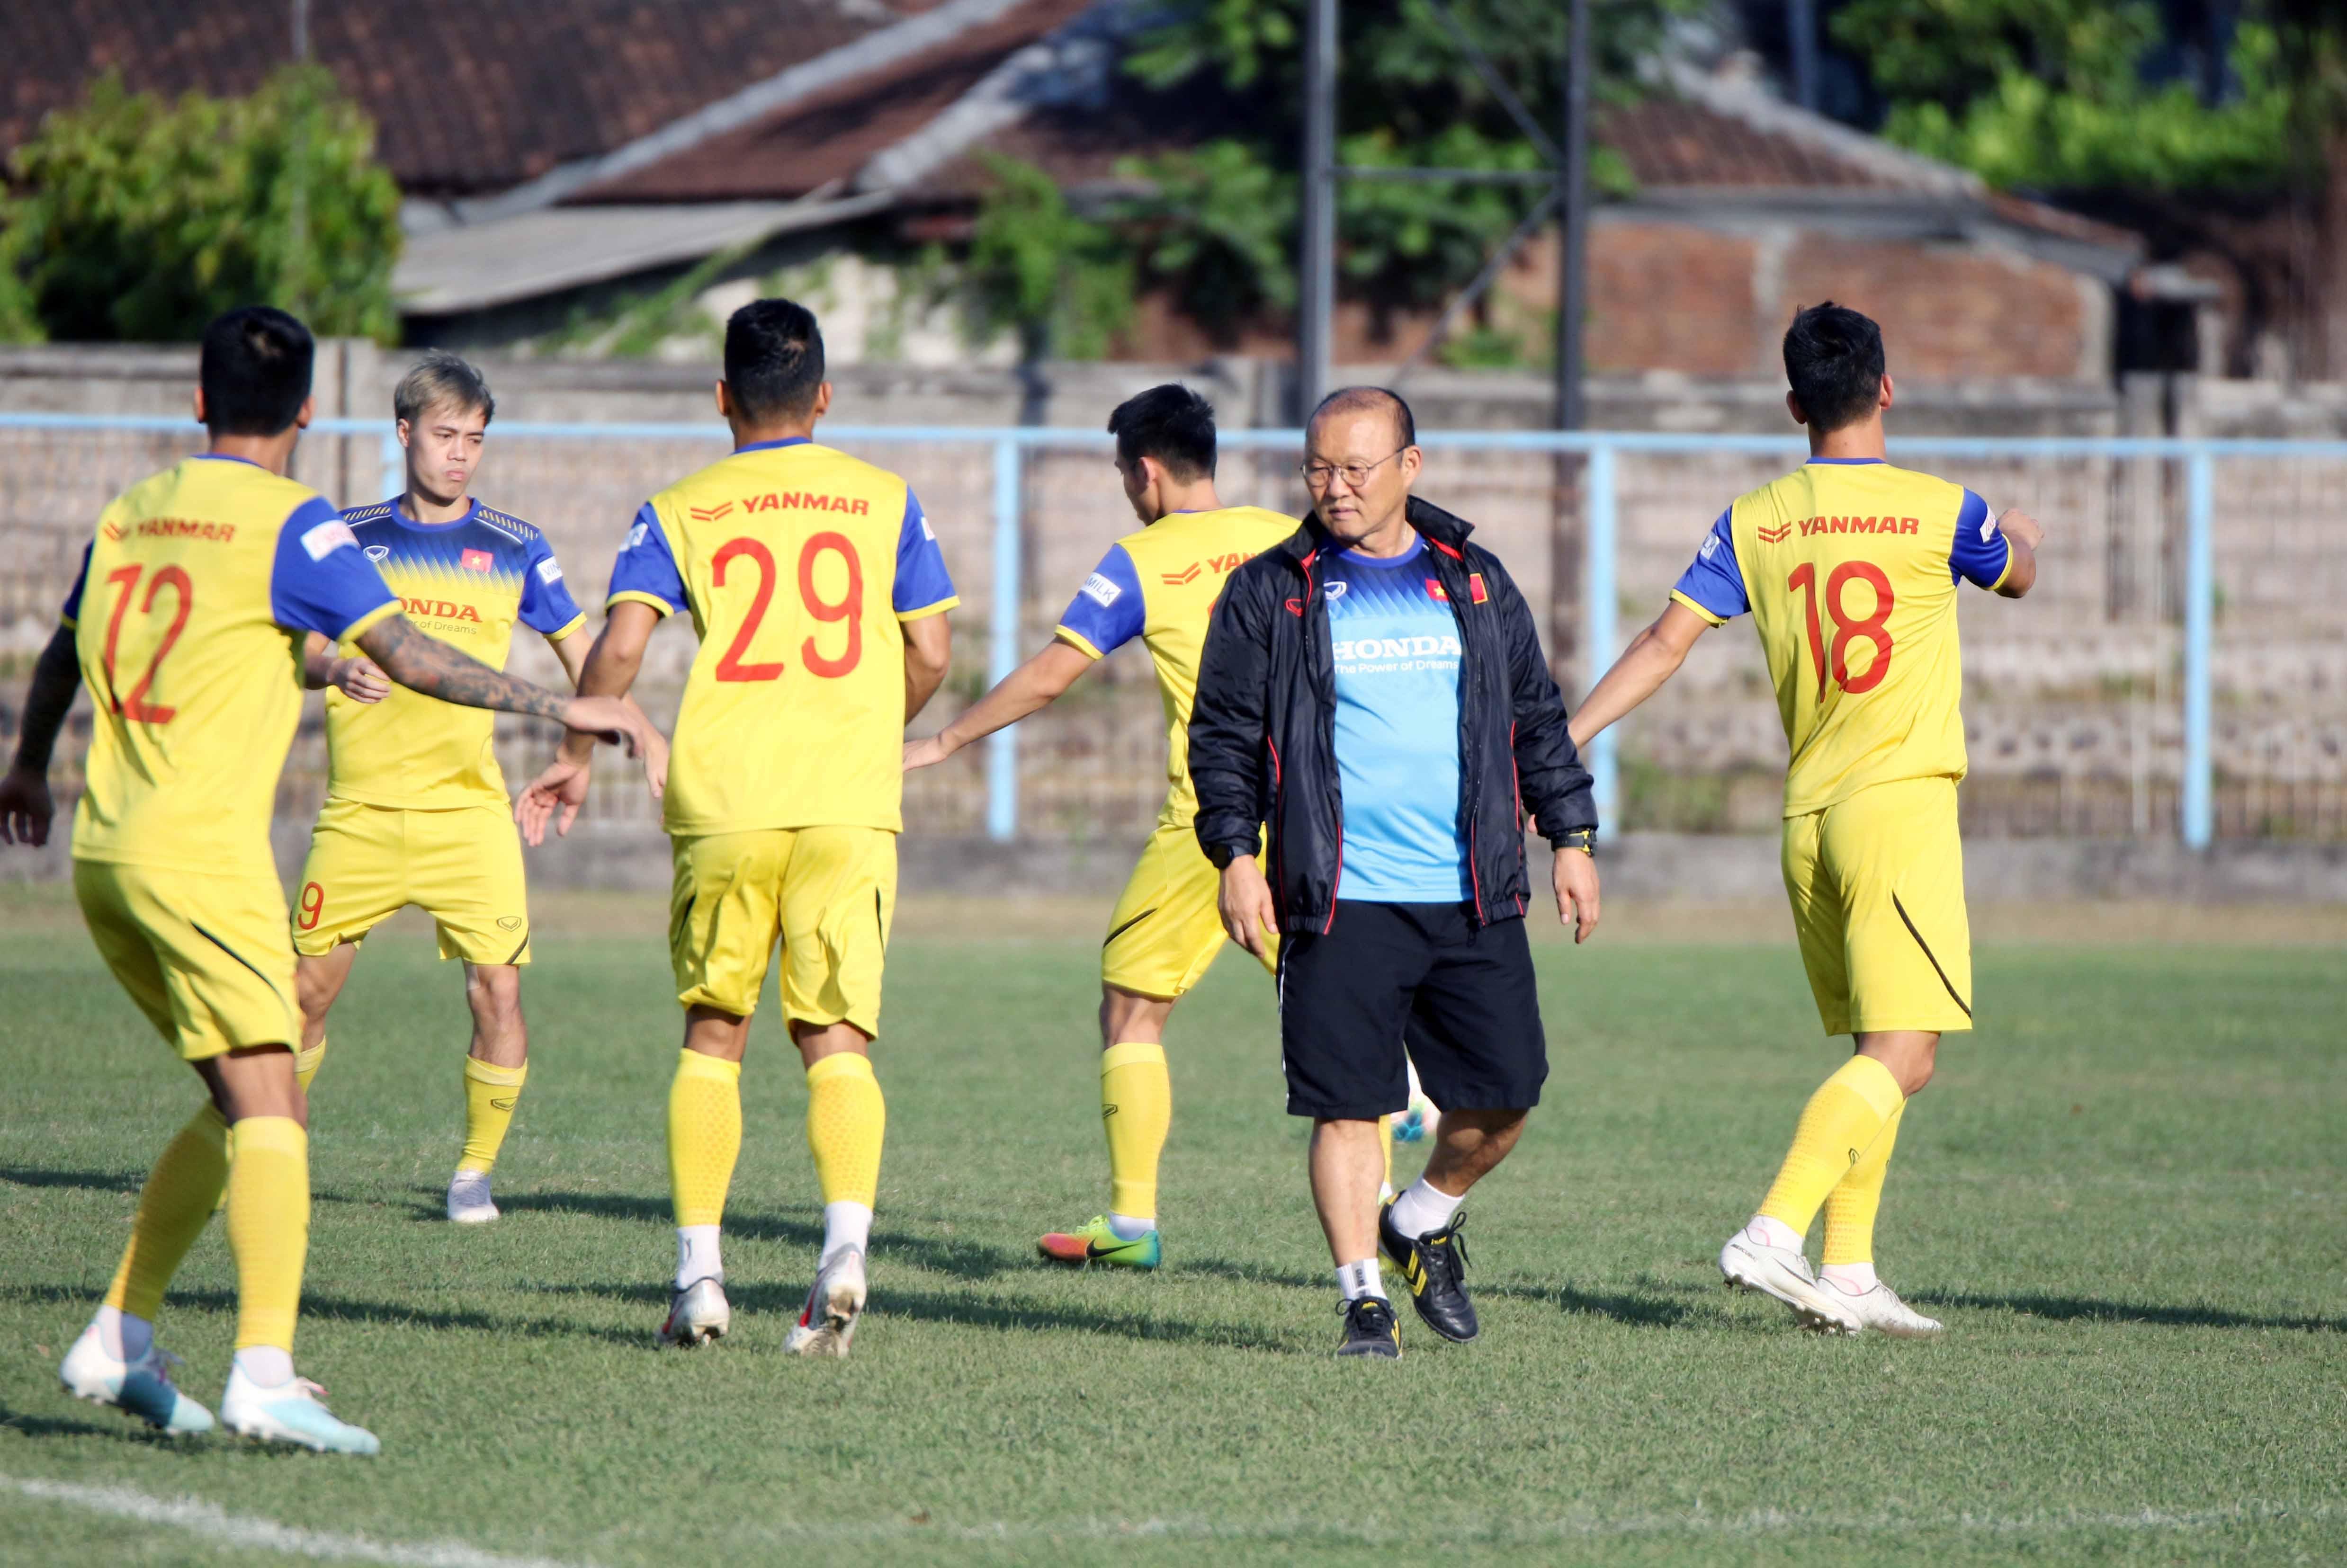 ĐT Việt Nam chốt danh sách 23 cầu thủ cho trận đấu với ĐT Indonesia